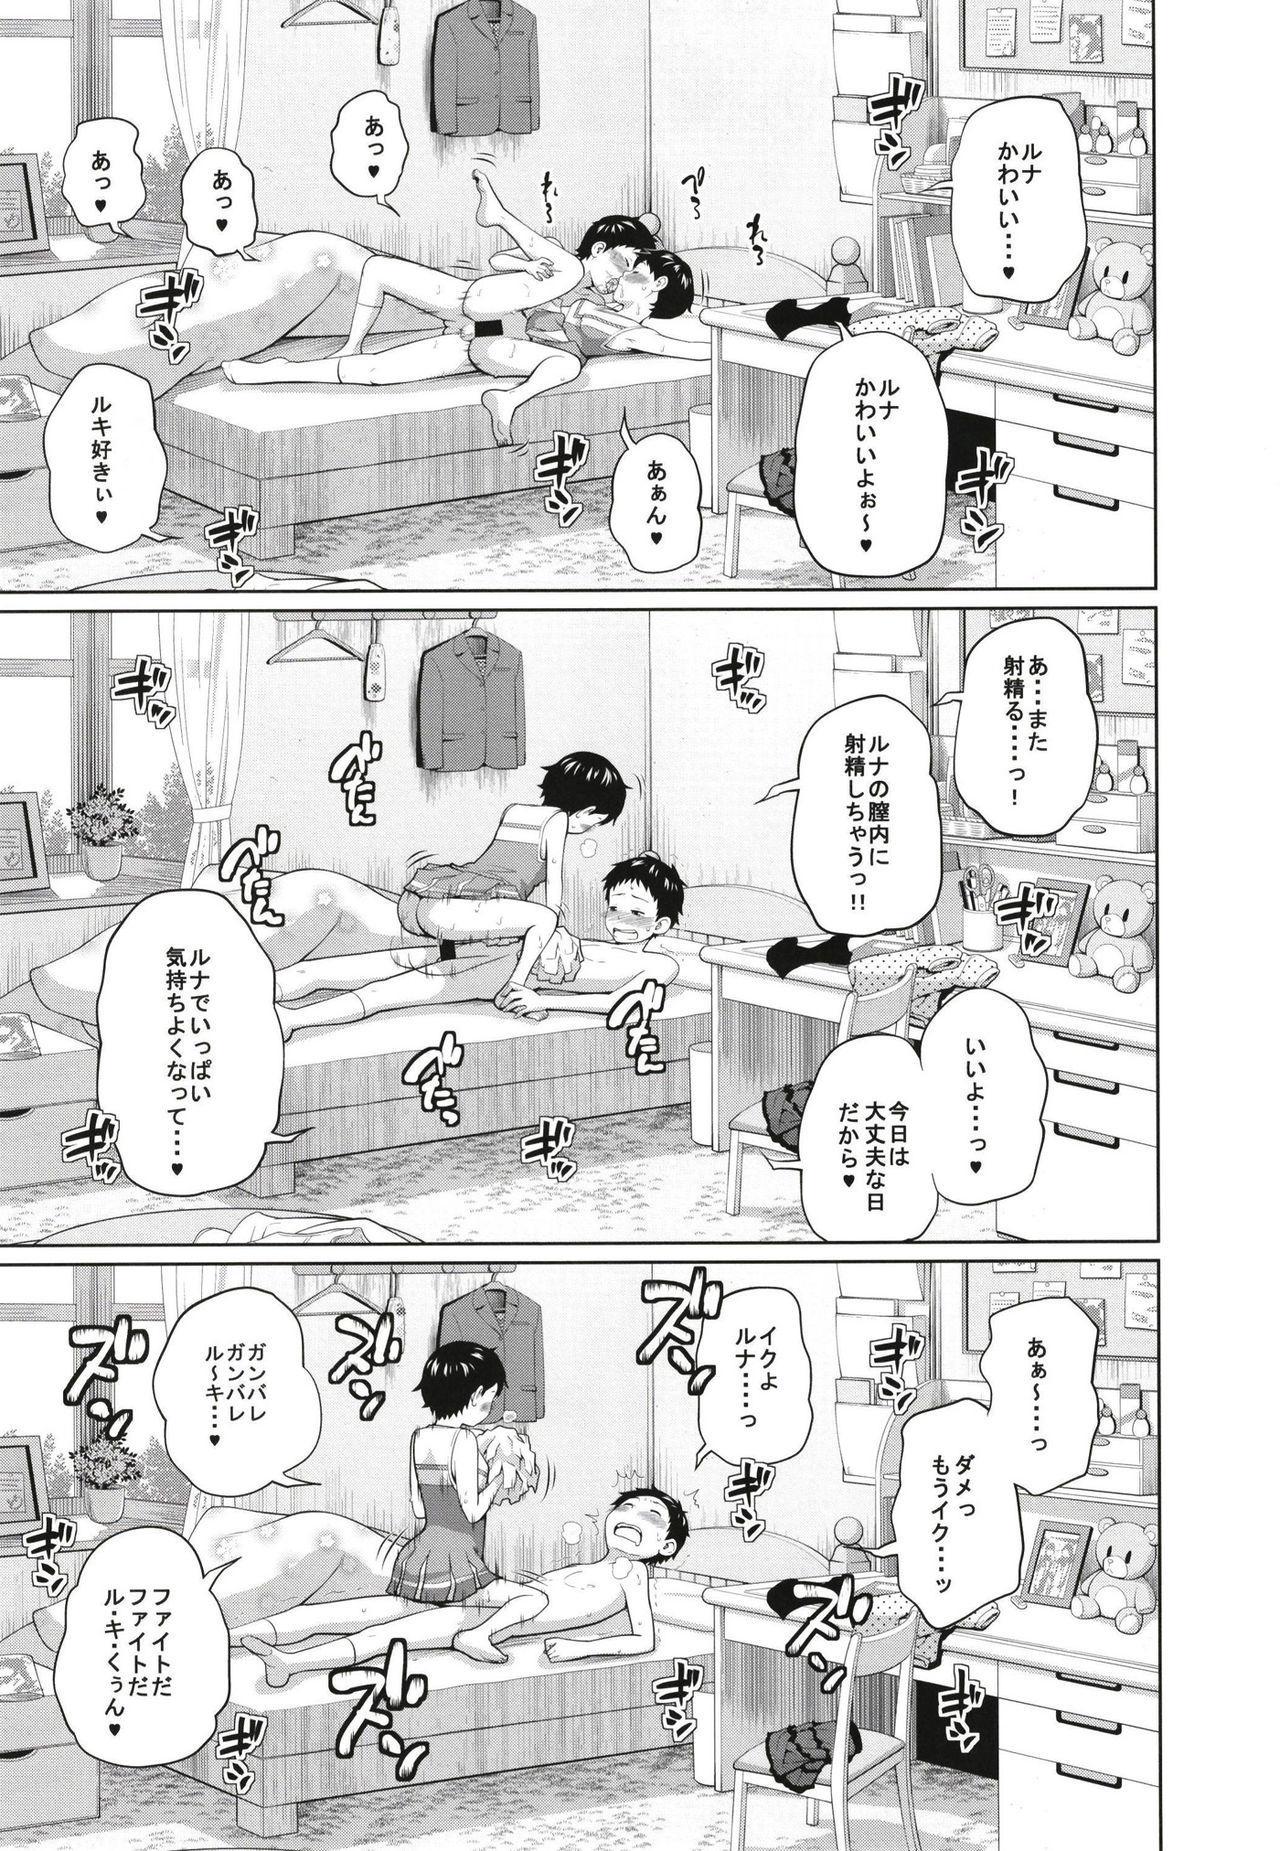 Kono Naka ni Kinshin Soukan Shiteiru Musume ga 3-nin Imasu #3 16